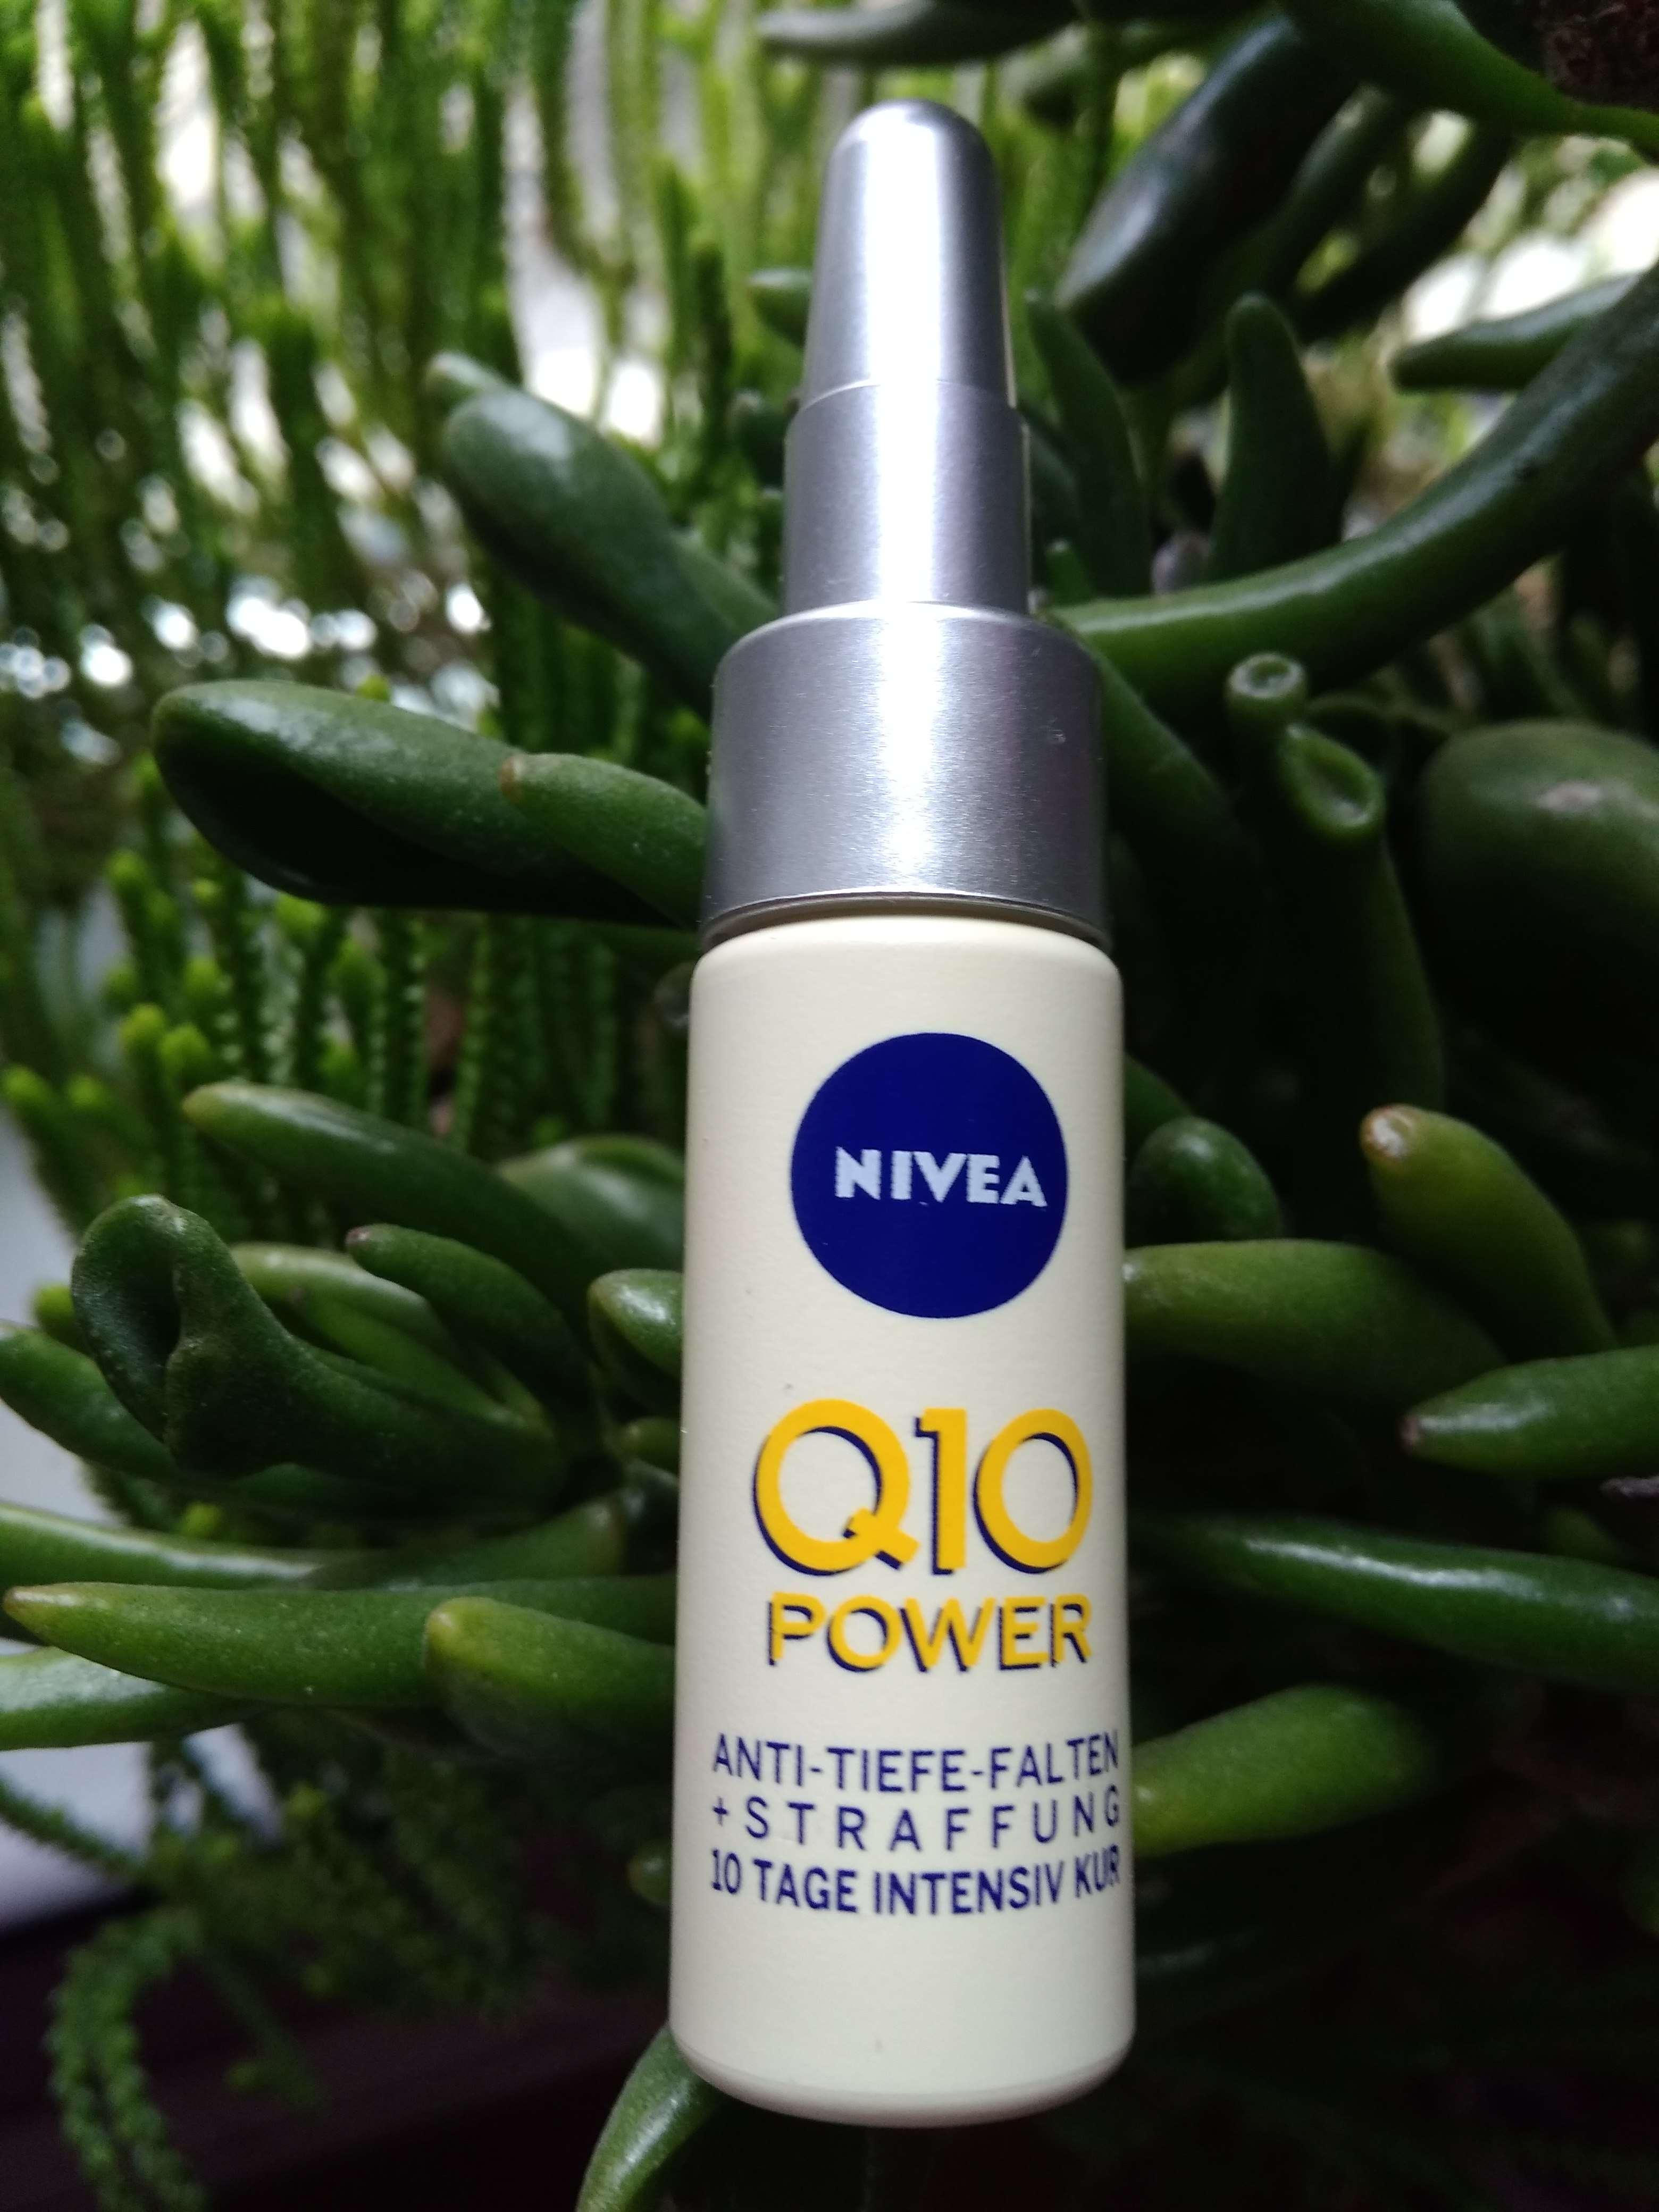 Ампулата за интензивна терапия срещу бръчки Nivea Q10 Power Deep-Wrinkle + Firming